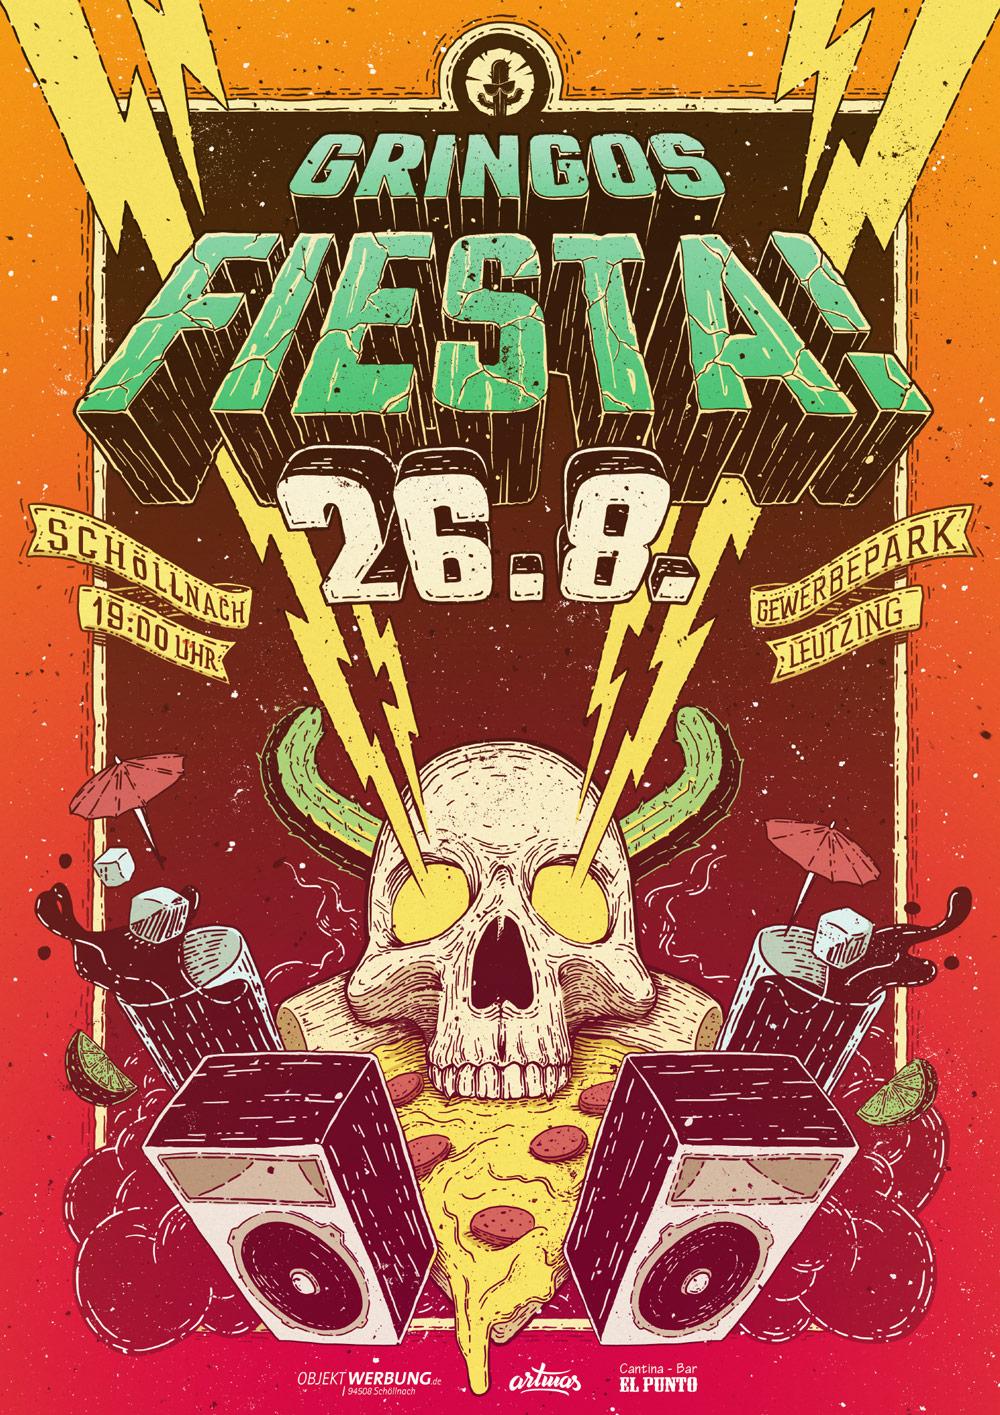 Gringos Fiesta 2017 | Poster | Illustration By Artjom Meister | Art-mas.com